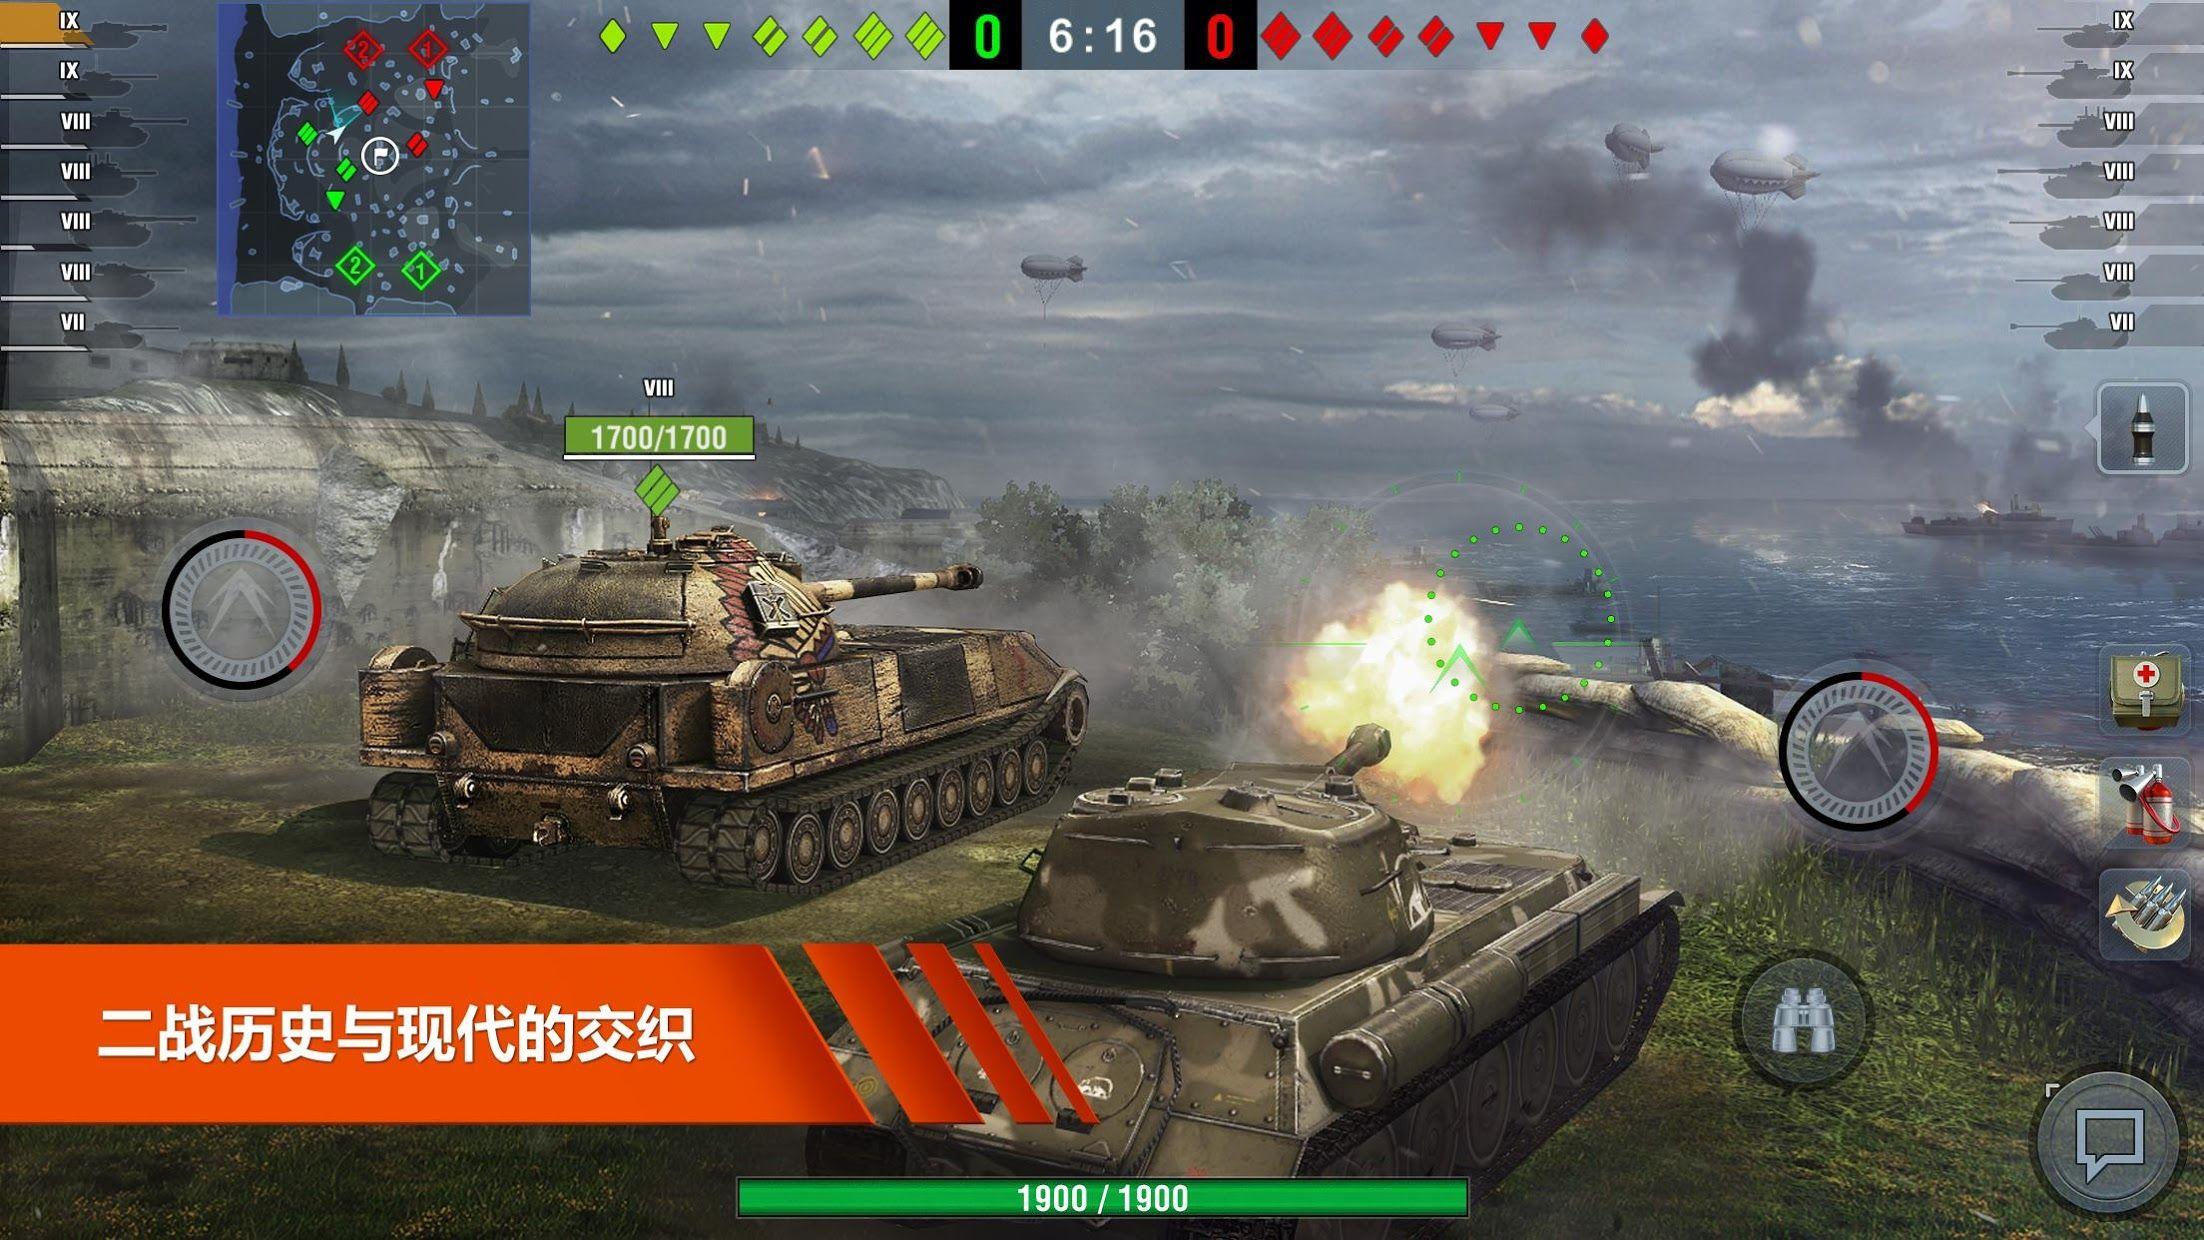 坦克世界闪电战 游戏截图2